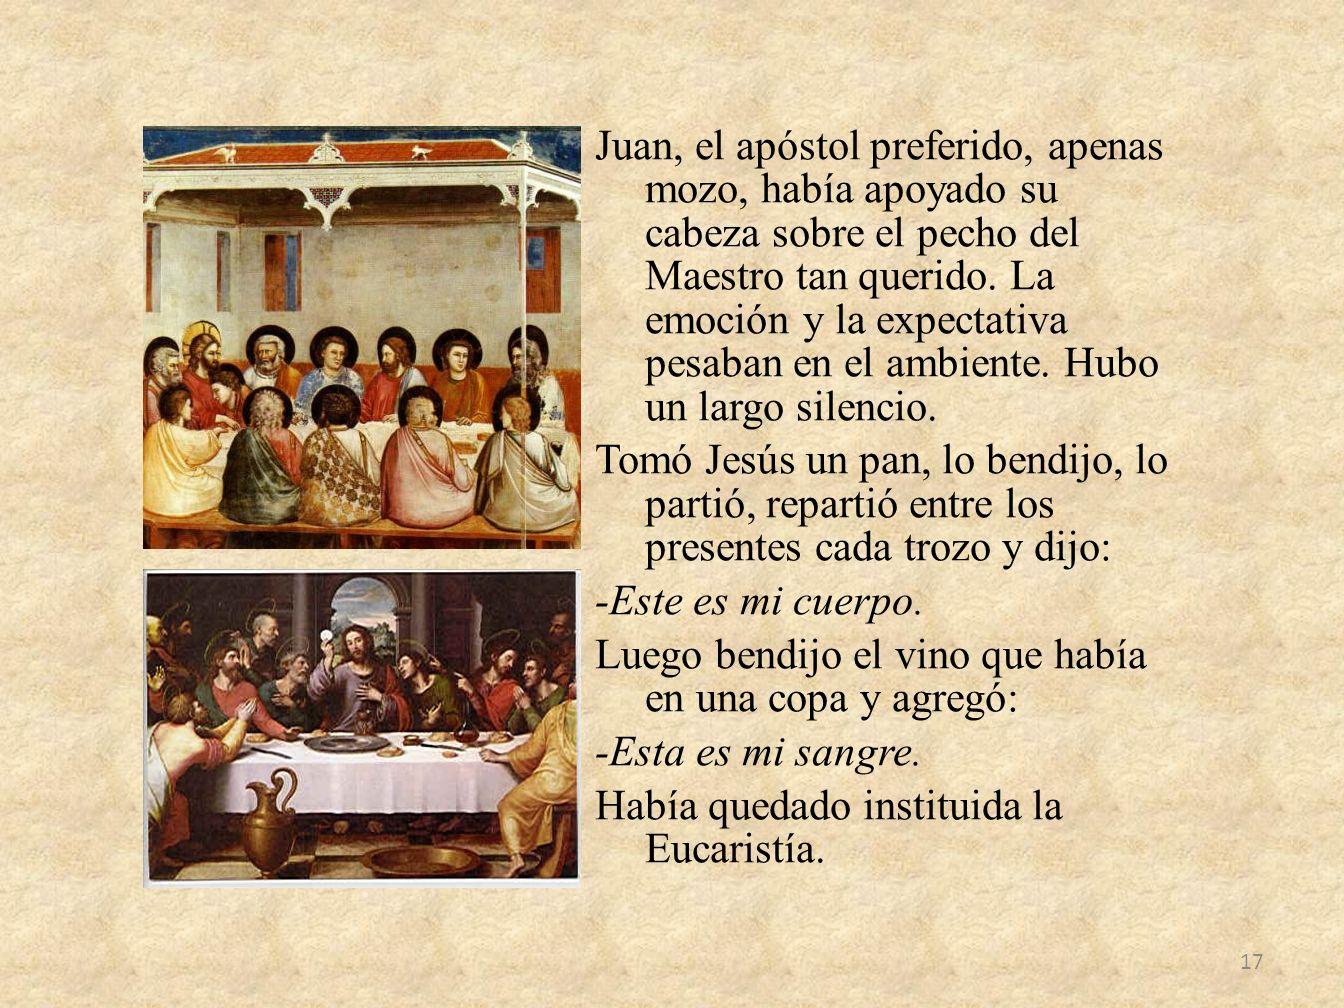 Juan, el apóstol preferido, apenas mozo, había apoyado su cabeza sobre el pecho del Maestro tan querido.